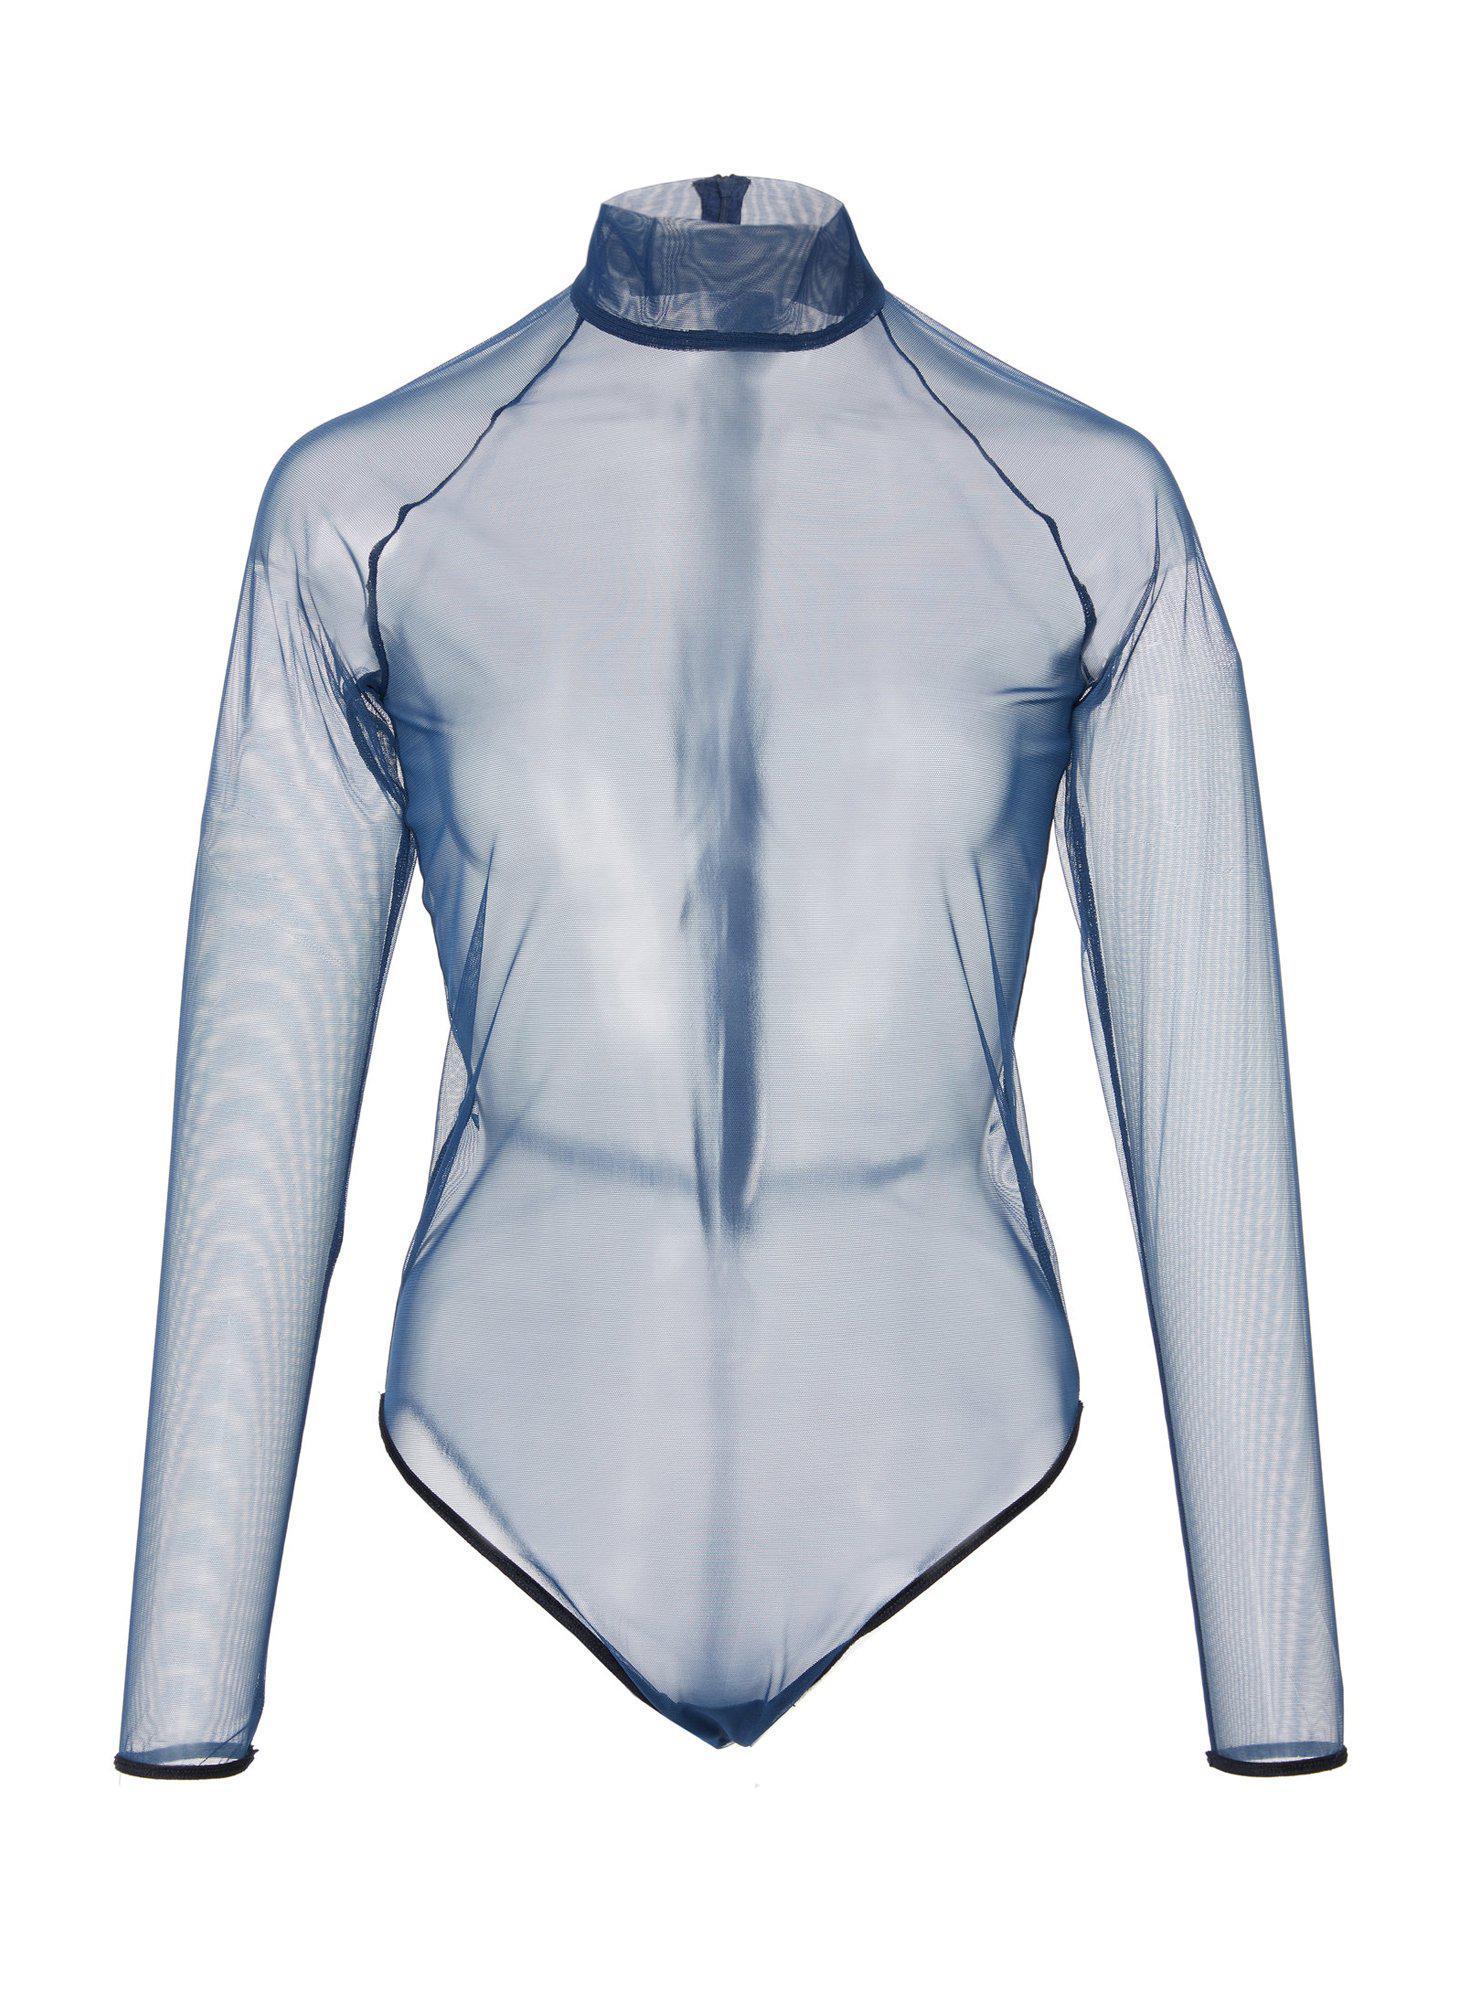 03715f09927a Fleur du Mal Sheer Tulle Turtleneck Bodysuit With Velvet Trim in ...